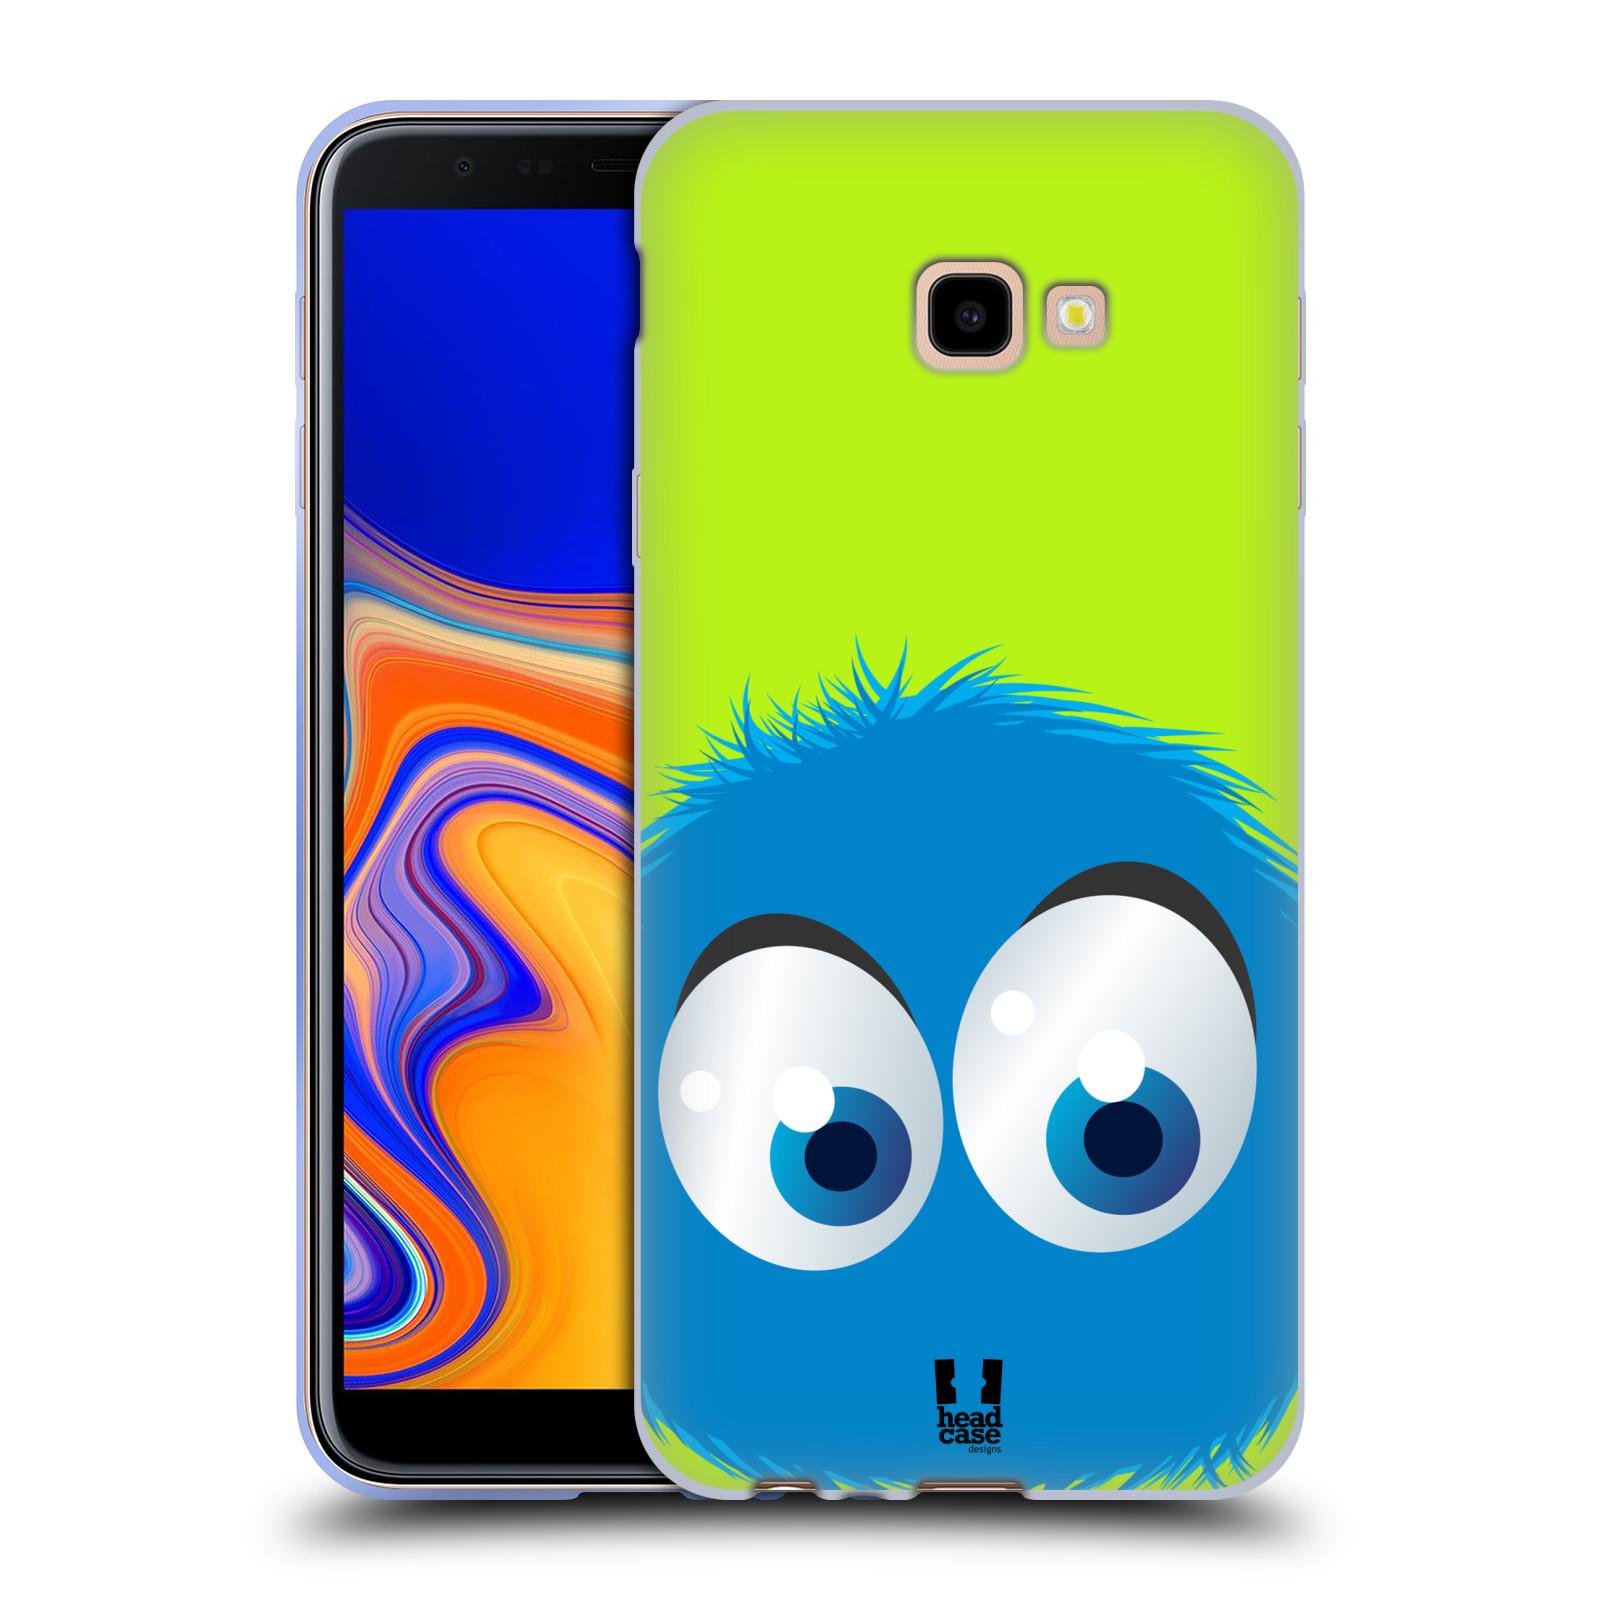 Silikonové pouzdro na mobil Samsung Galaxy J4 Plus - Head Case - FUZÍK MODRÝ (Silikonový kryt, obal, pouzdro na mobilní telefon Samsung Galaxy J4+ s motivem FUZÍK MODRÝ)